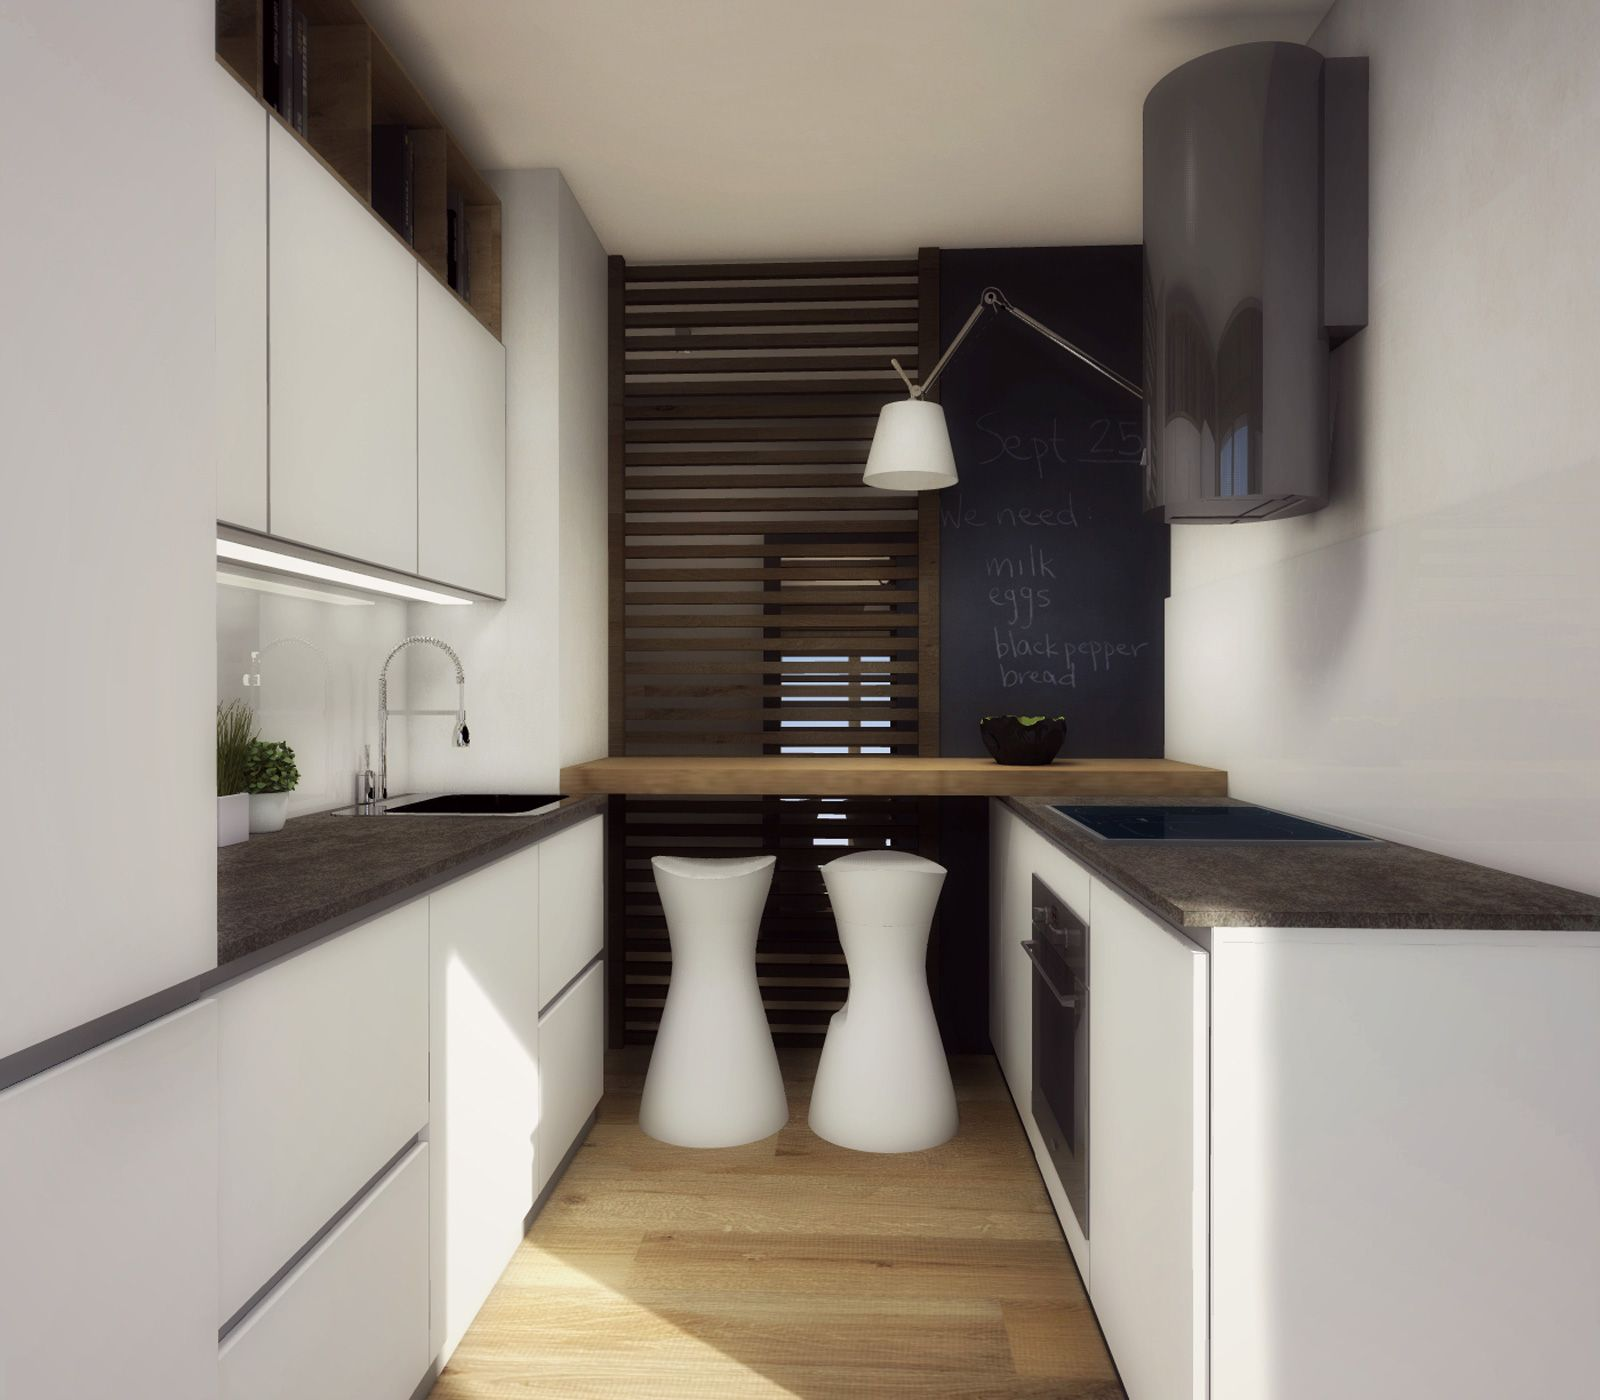 Pensili Ad Angolo Cucina : Pensili da cucina ad angolo. Pensile ad ...